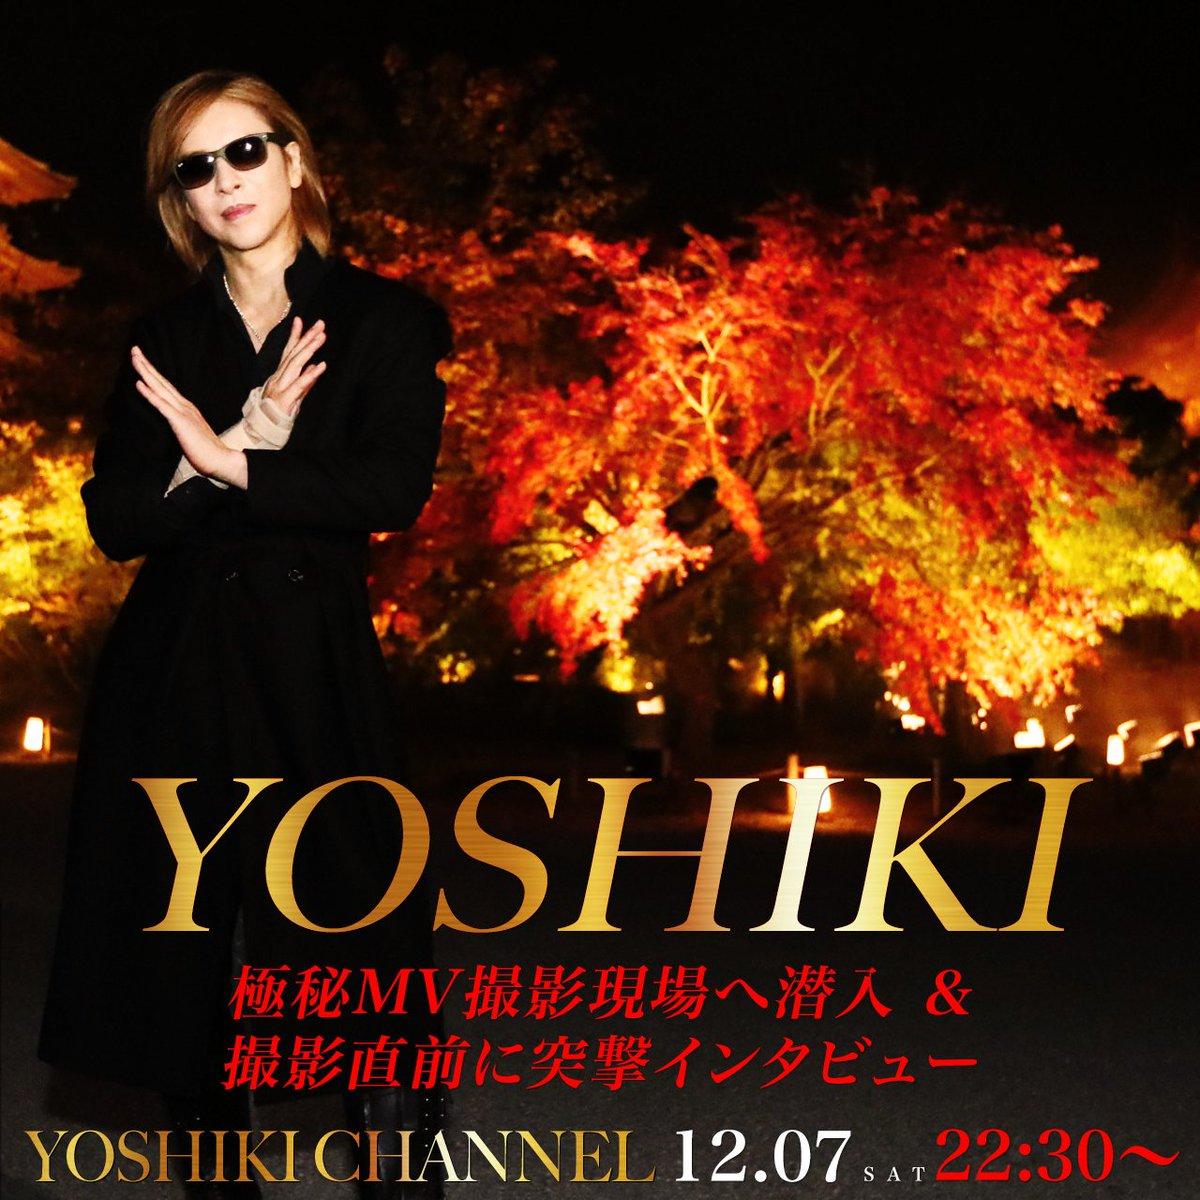 【今夜22時30分~生放送決定】#YOSHIKI #極秘MV 撮影現場へ潜入&撮影中に突撃インタビュー @YoshikiOfficial